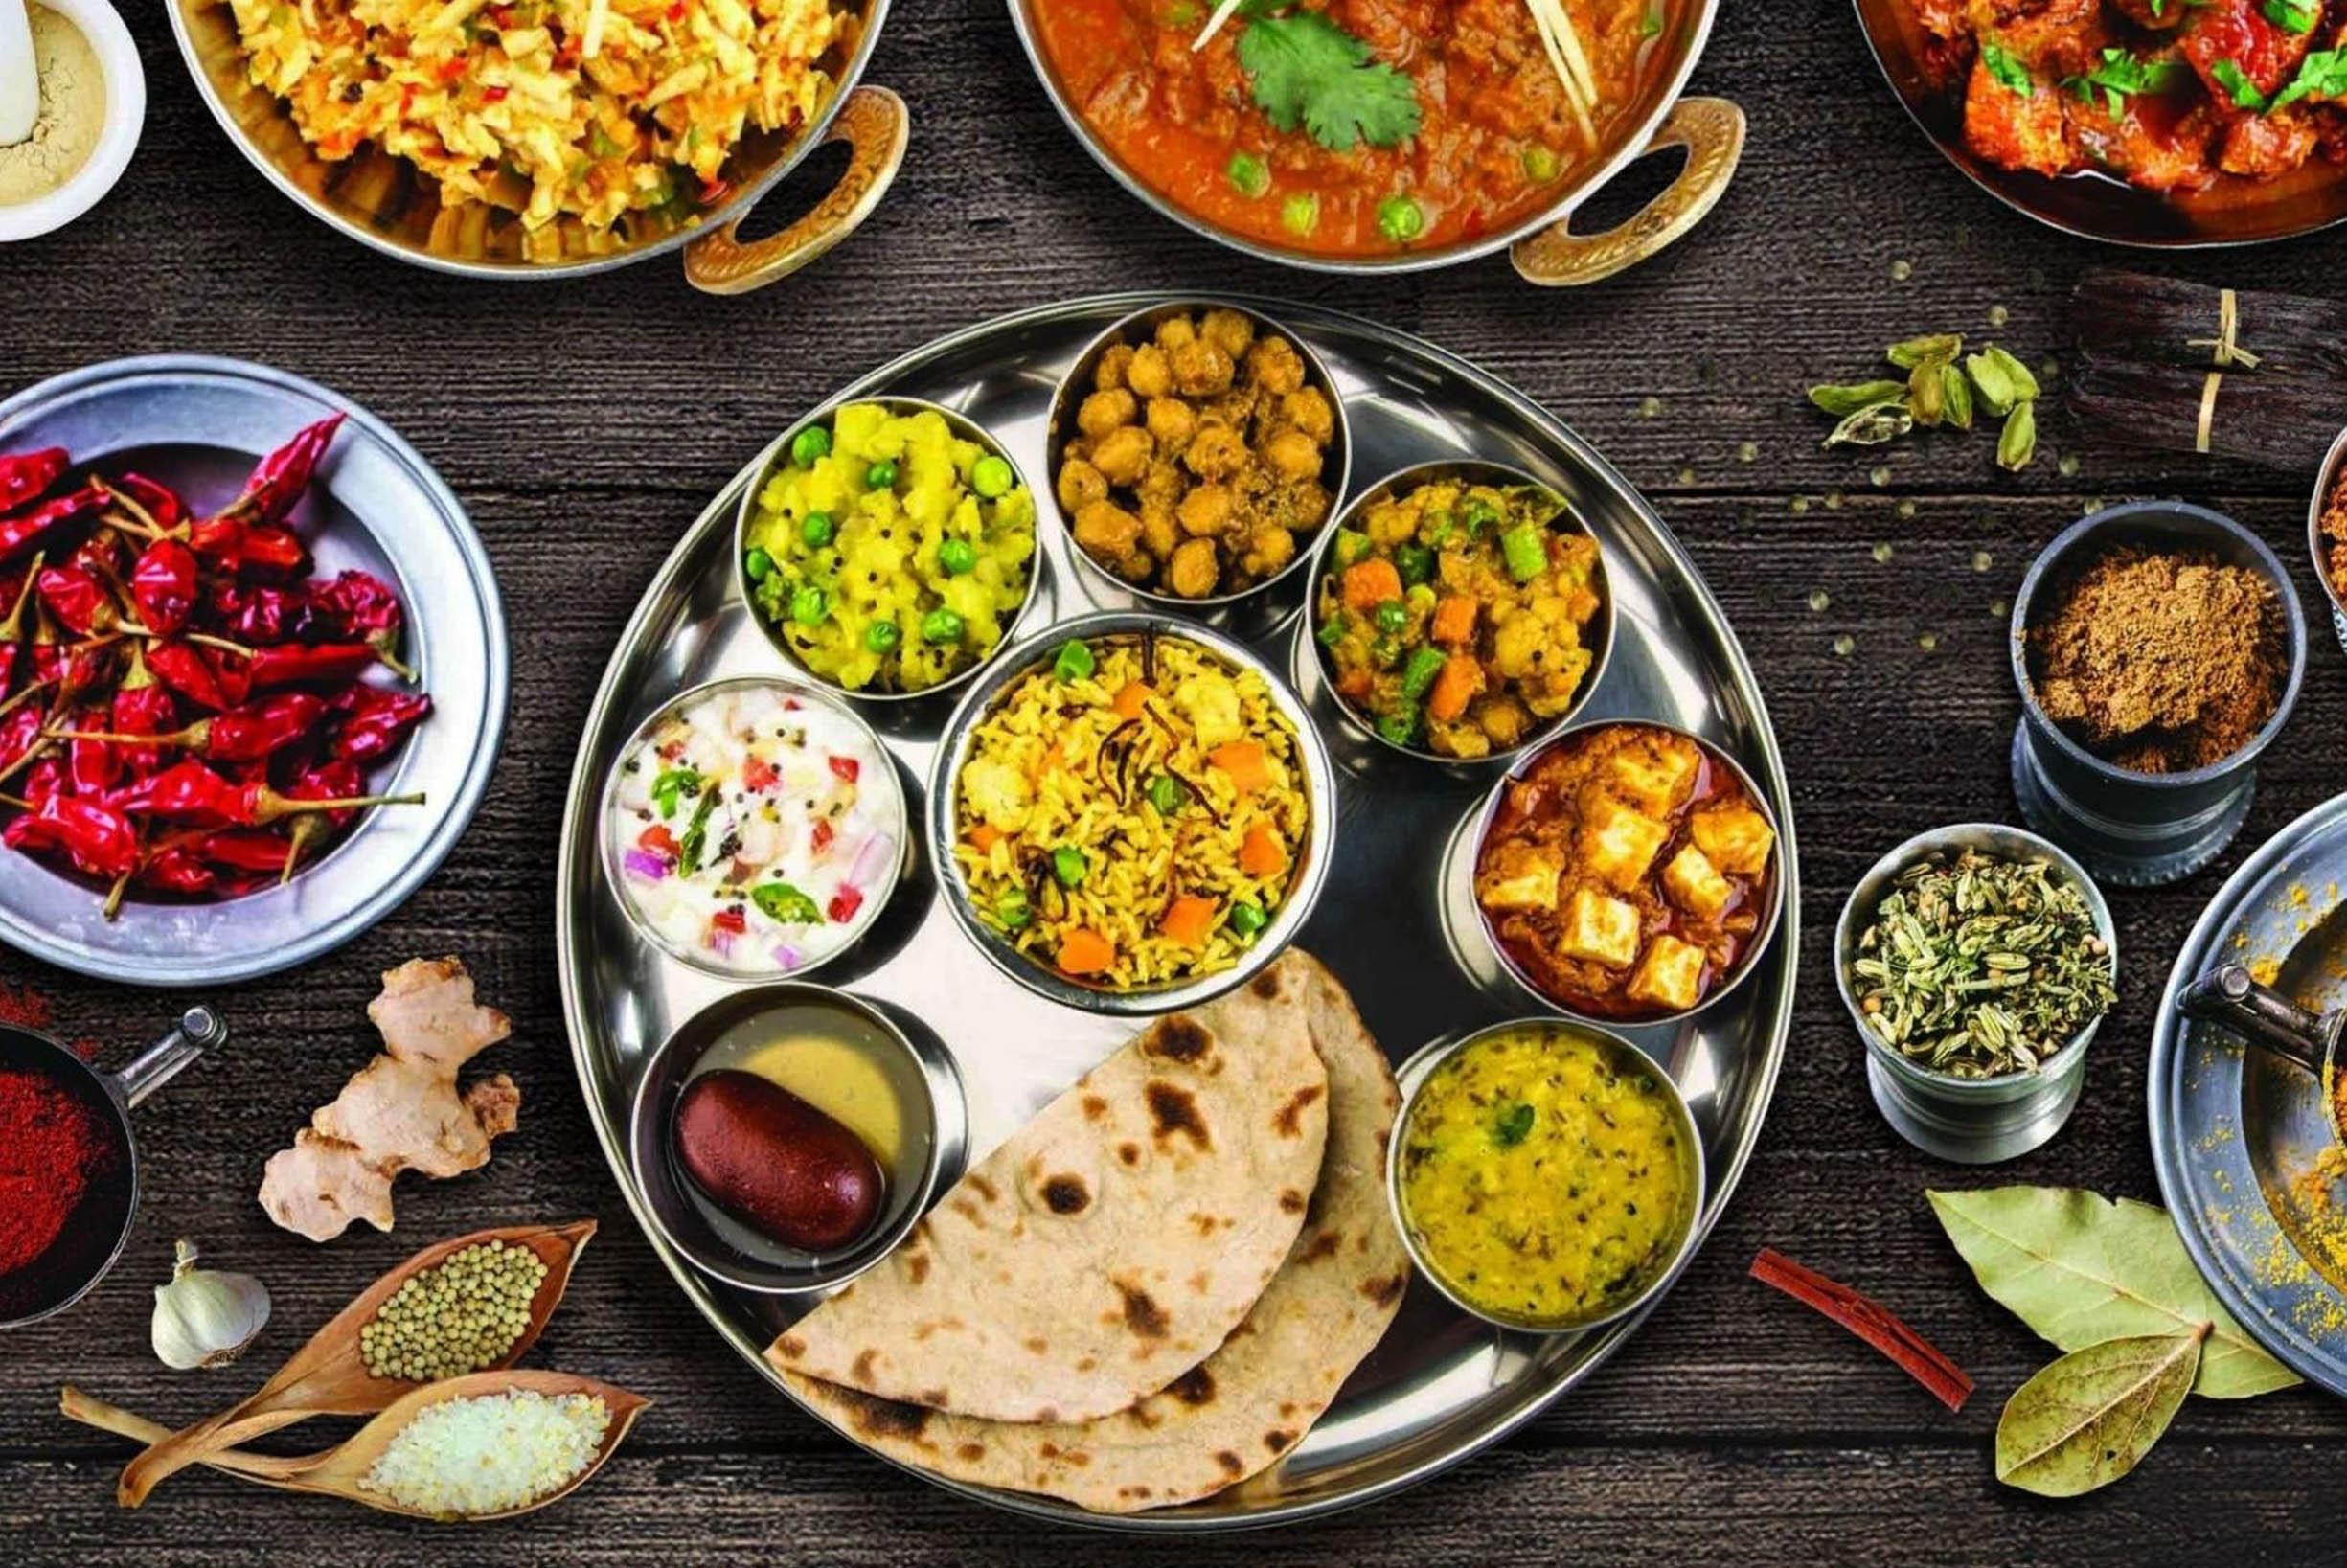 розетка зеленых кухня индии национальные особенности с фото светлее